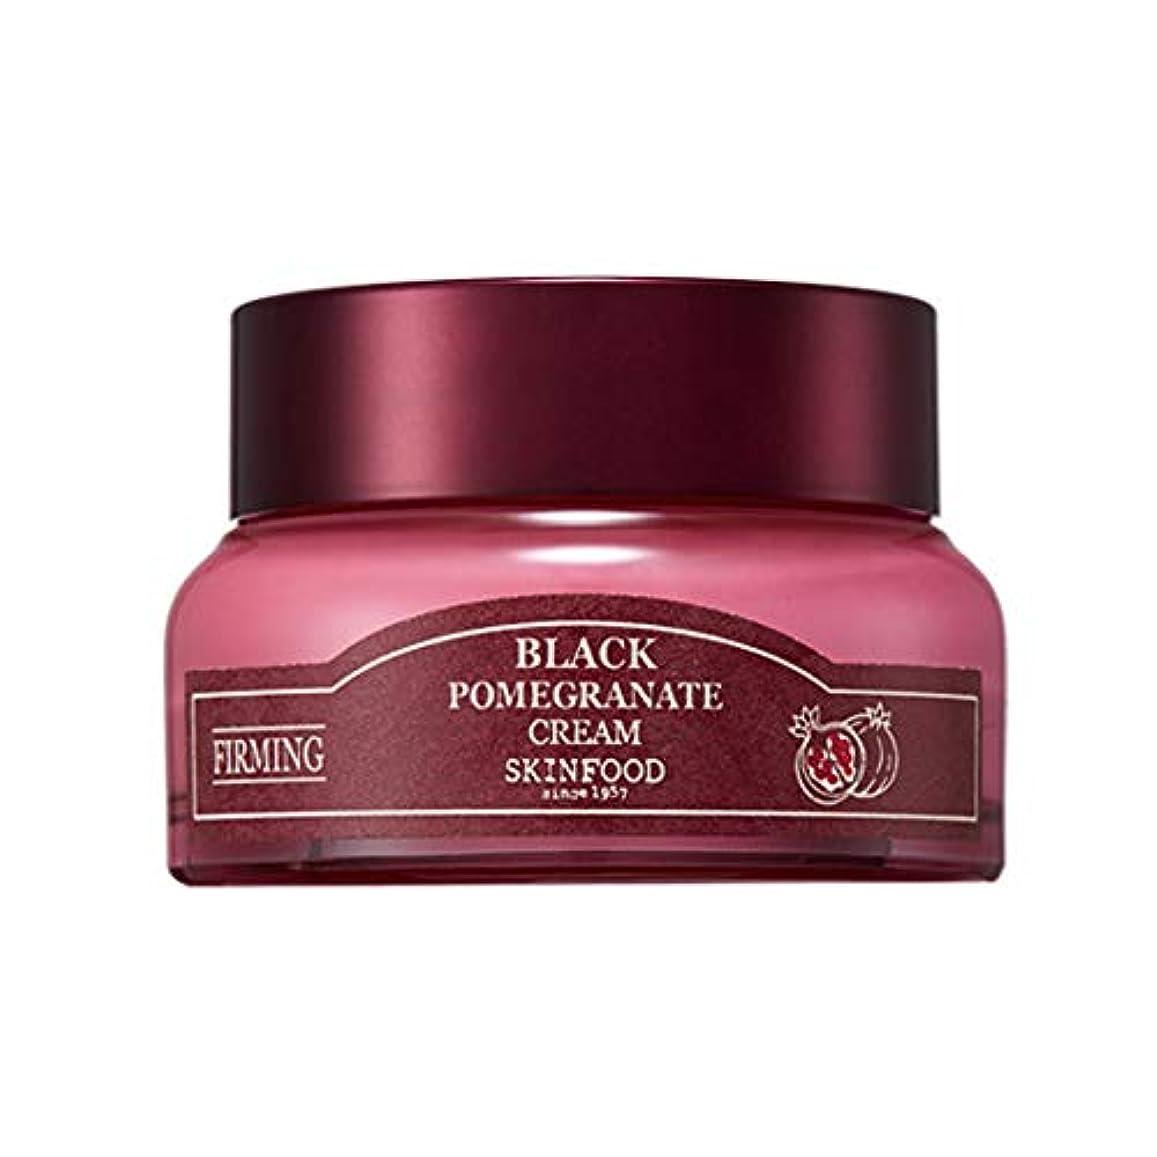 分泌する空港少ないSkinfood 黒ザクロクリーム(しわ防止効果) / Black Pomegranate Cream (Anti-Wrinkle Effect) 54ml [並行輸入品]